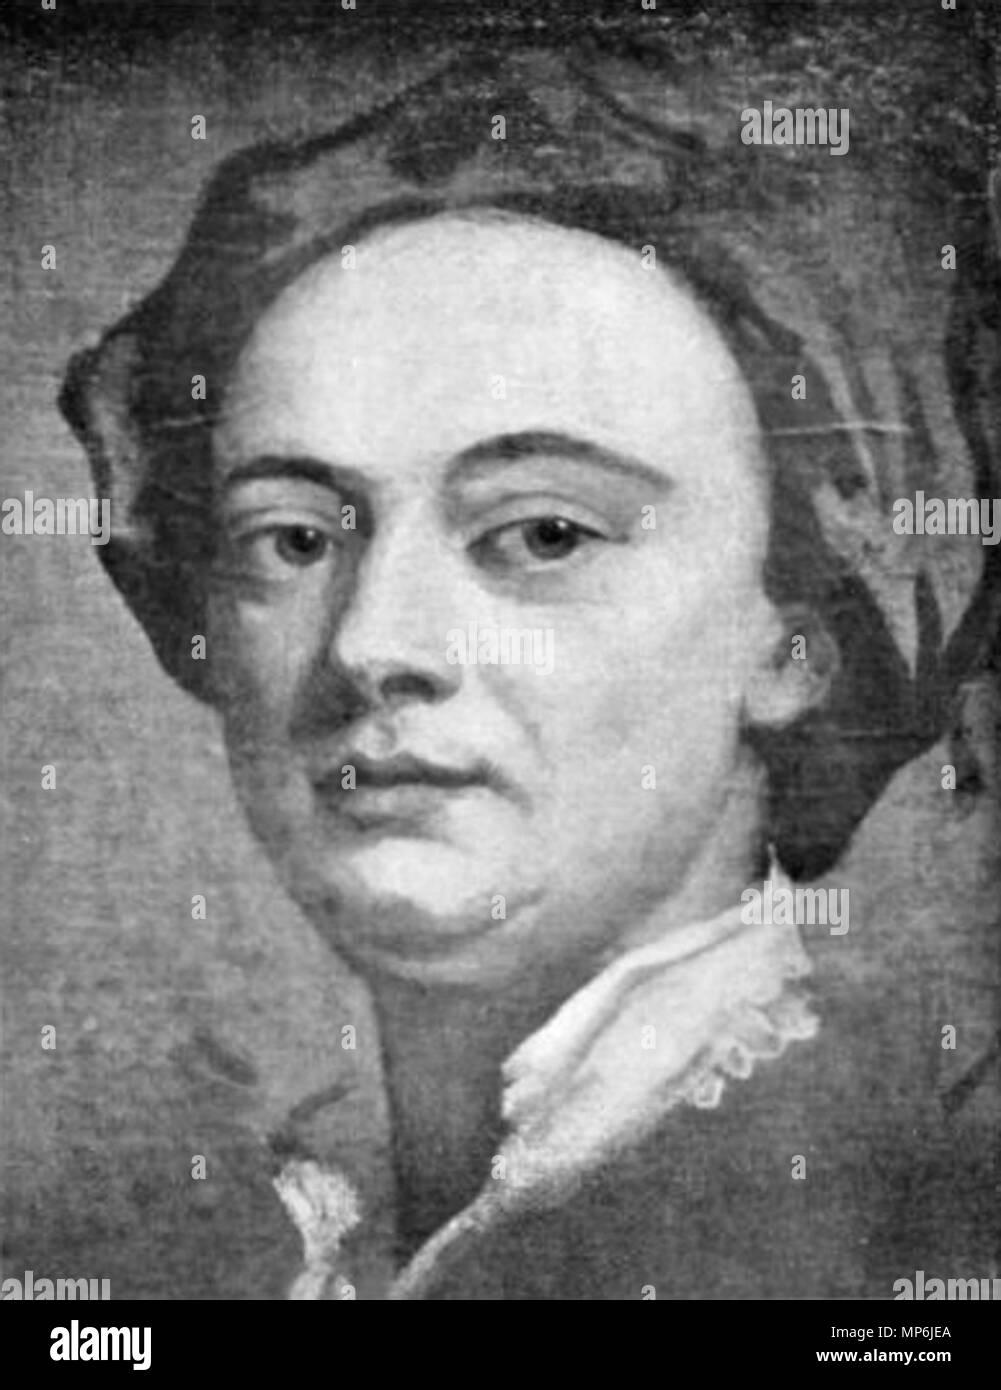 from William ballad opera written in 1728 by john gay